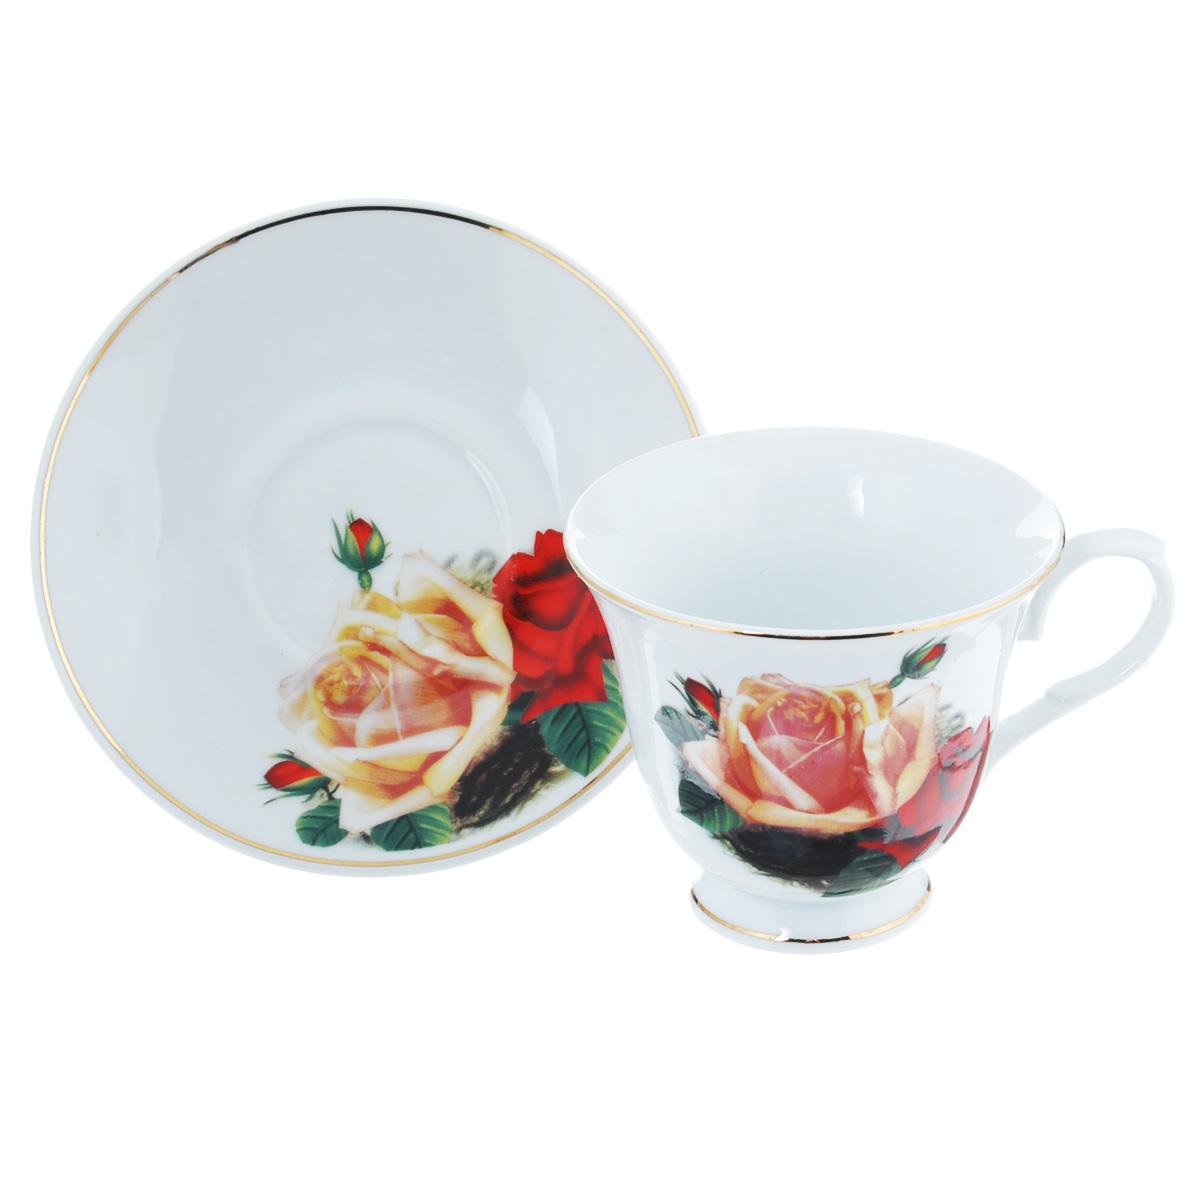 Чайная пара Lillo Поллианна, 2 предметаLIL 91032Чайная пара Lillo Поллианна сочетает в себе изысканный дизайн с максимальной функциональностью. Чашка с блюдцем выполнены из высококачественного фарфора и декорированы золотистой эмалью и цветочным принтом. Оформление придется по вкусу и ценителям классики, и тем, кто предпочитает утонченность и изысканность. Такая чайная пара станет отличным сувениром для ваших друзей и близких. Набор упакован в подарочную коробку, перевязанную атласной лентой. Не рекомендуется использовать в посудомоечной машине и микроволновой печи.